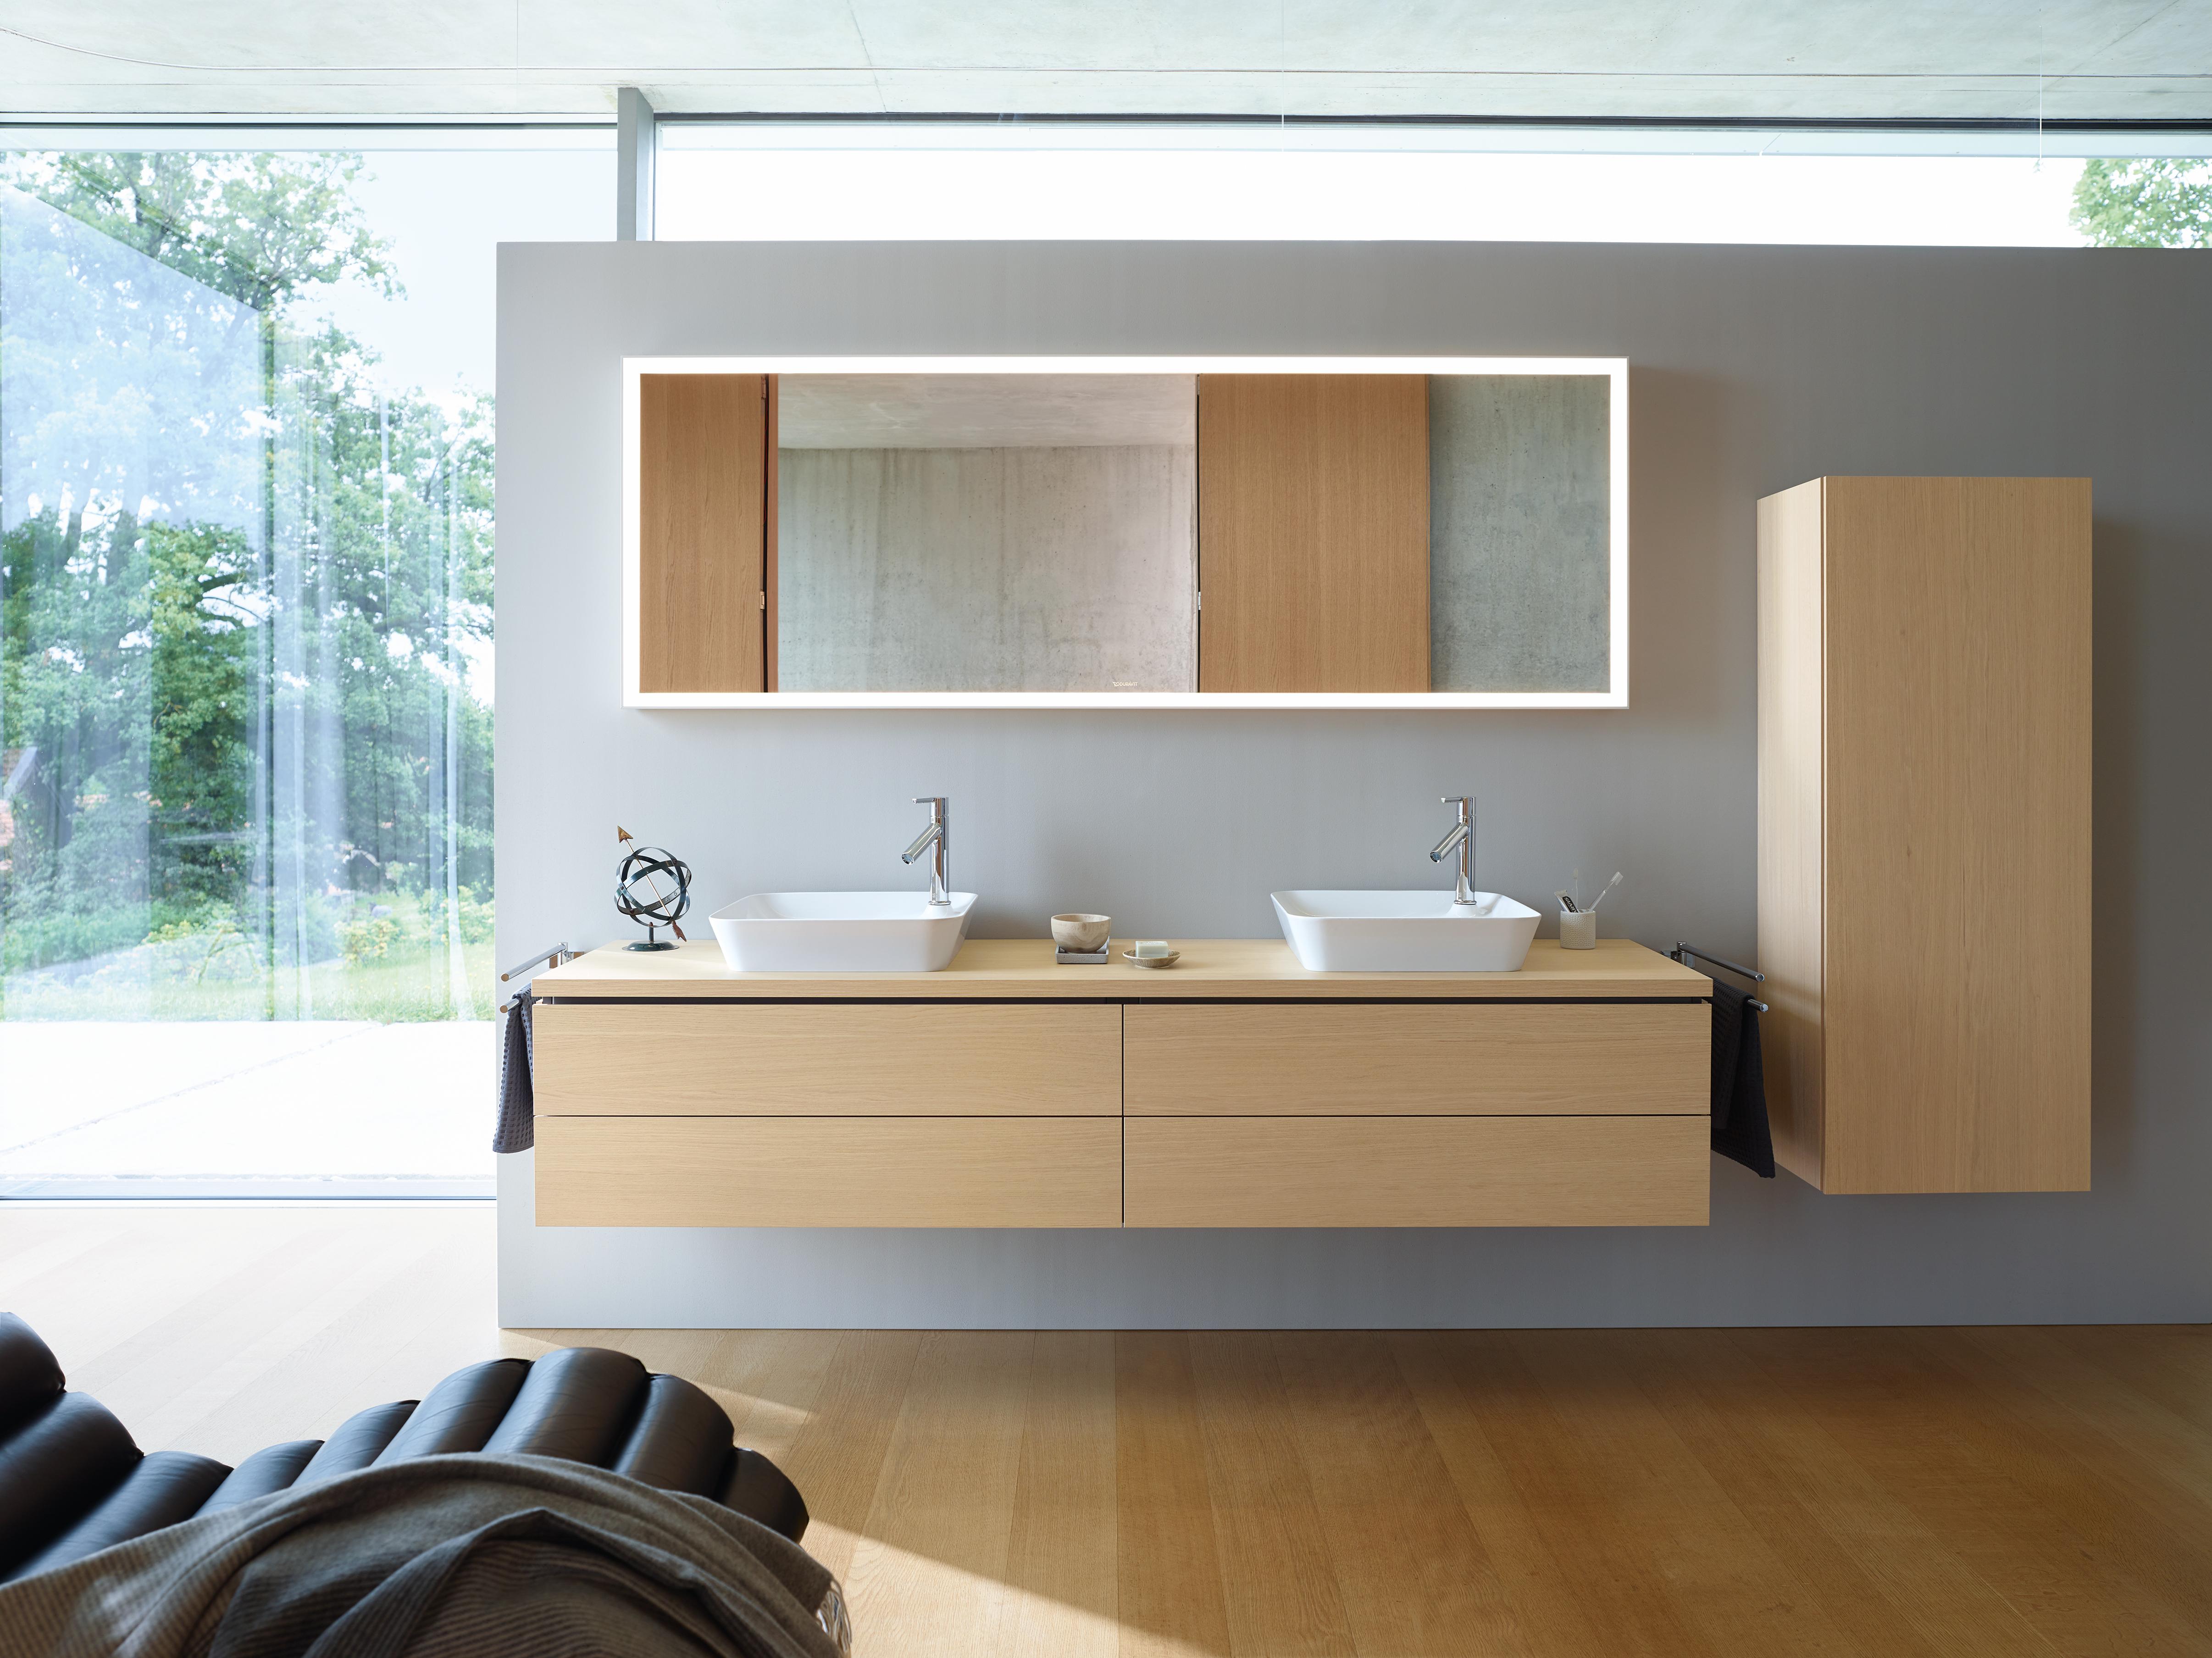 Hoogte Kolomkast Badkamer : Badkamer meubels van duravit duravit